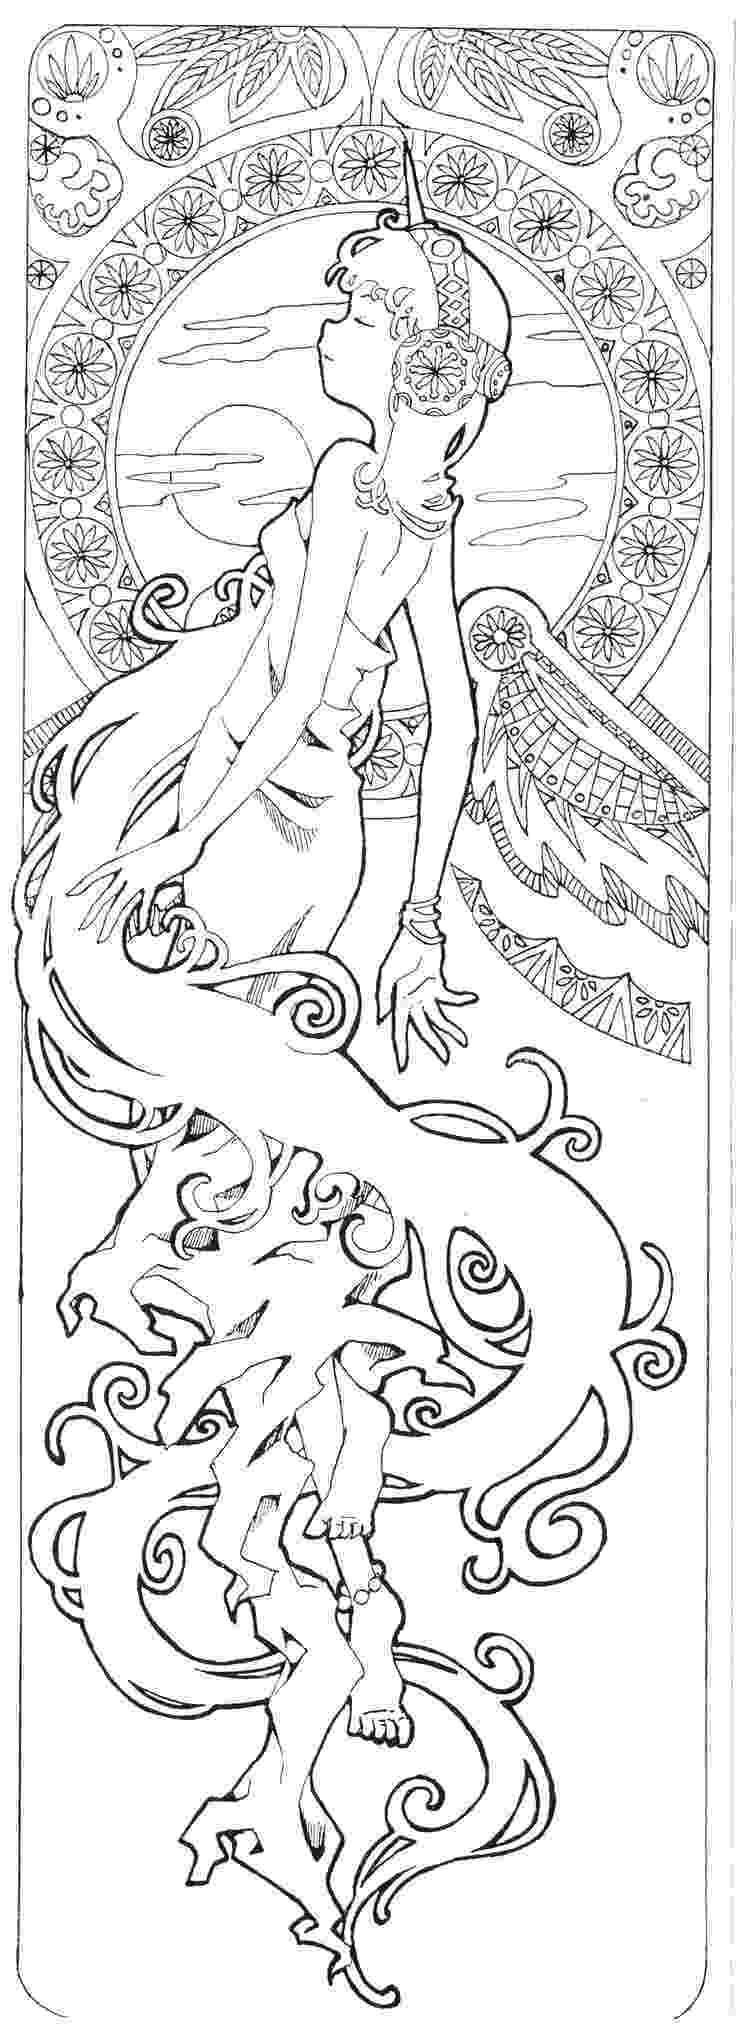 art nouveau coloring book online alphonse mucha coloring book karen alfafara art online nouveau coloring book